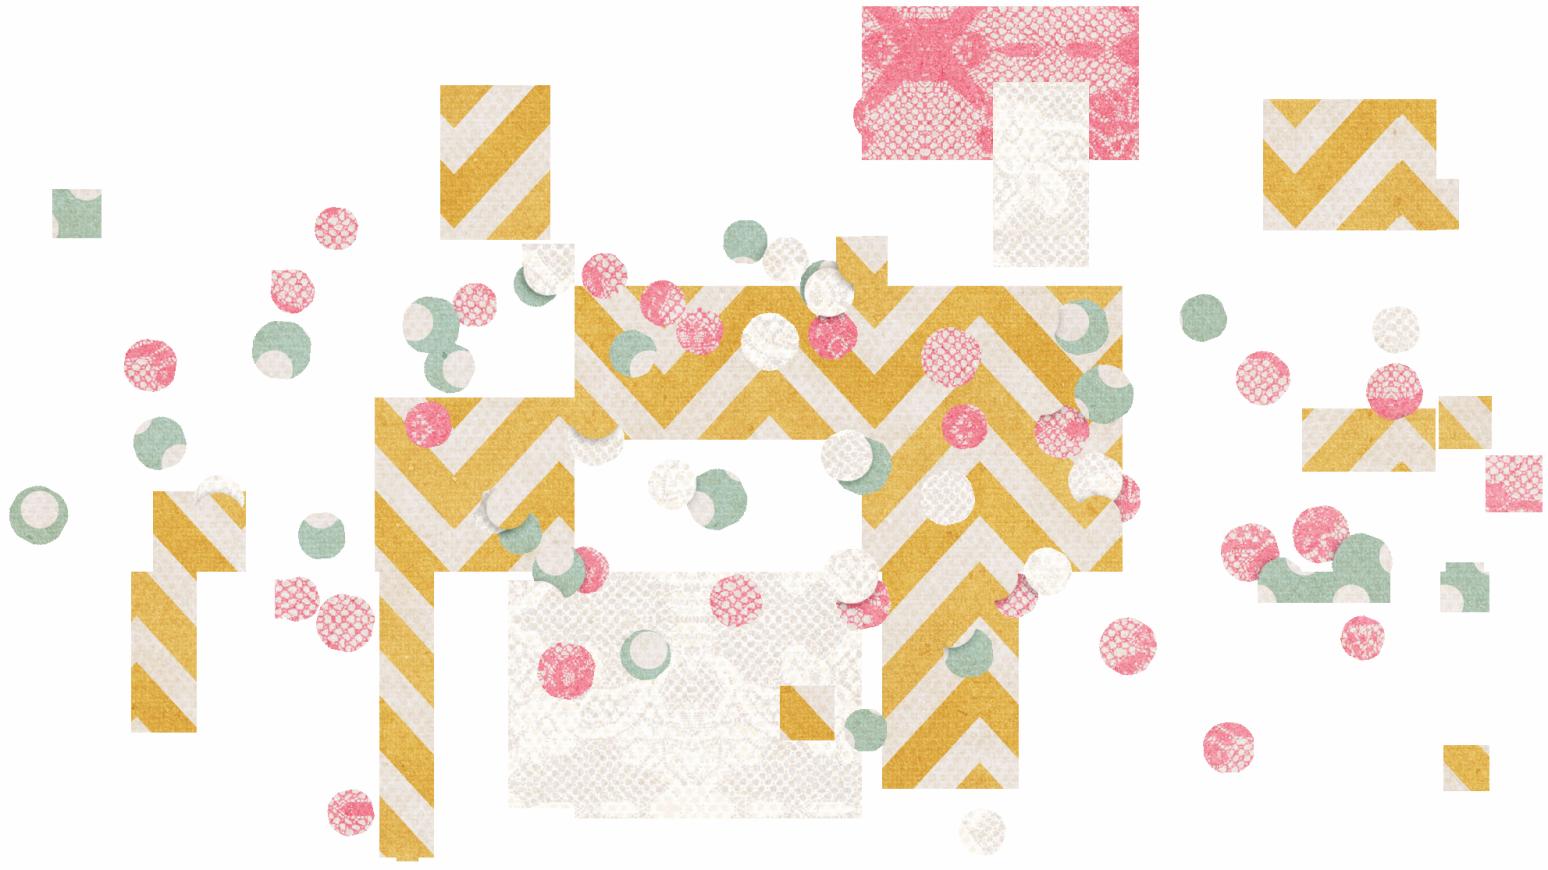 confetti clipart png